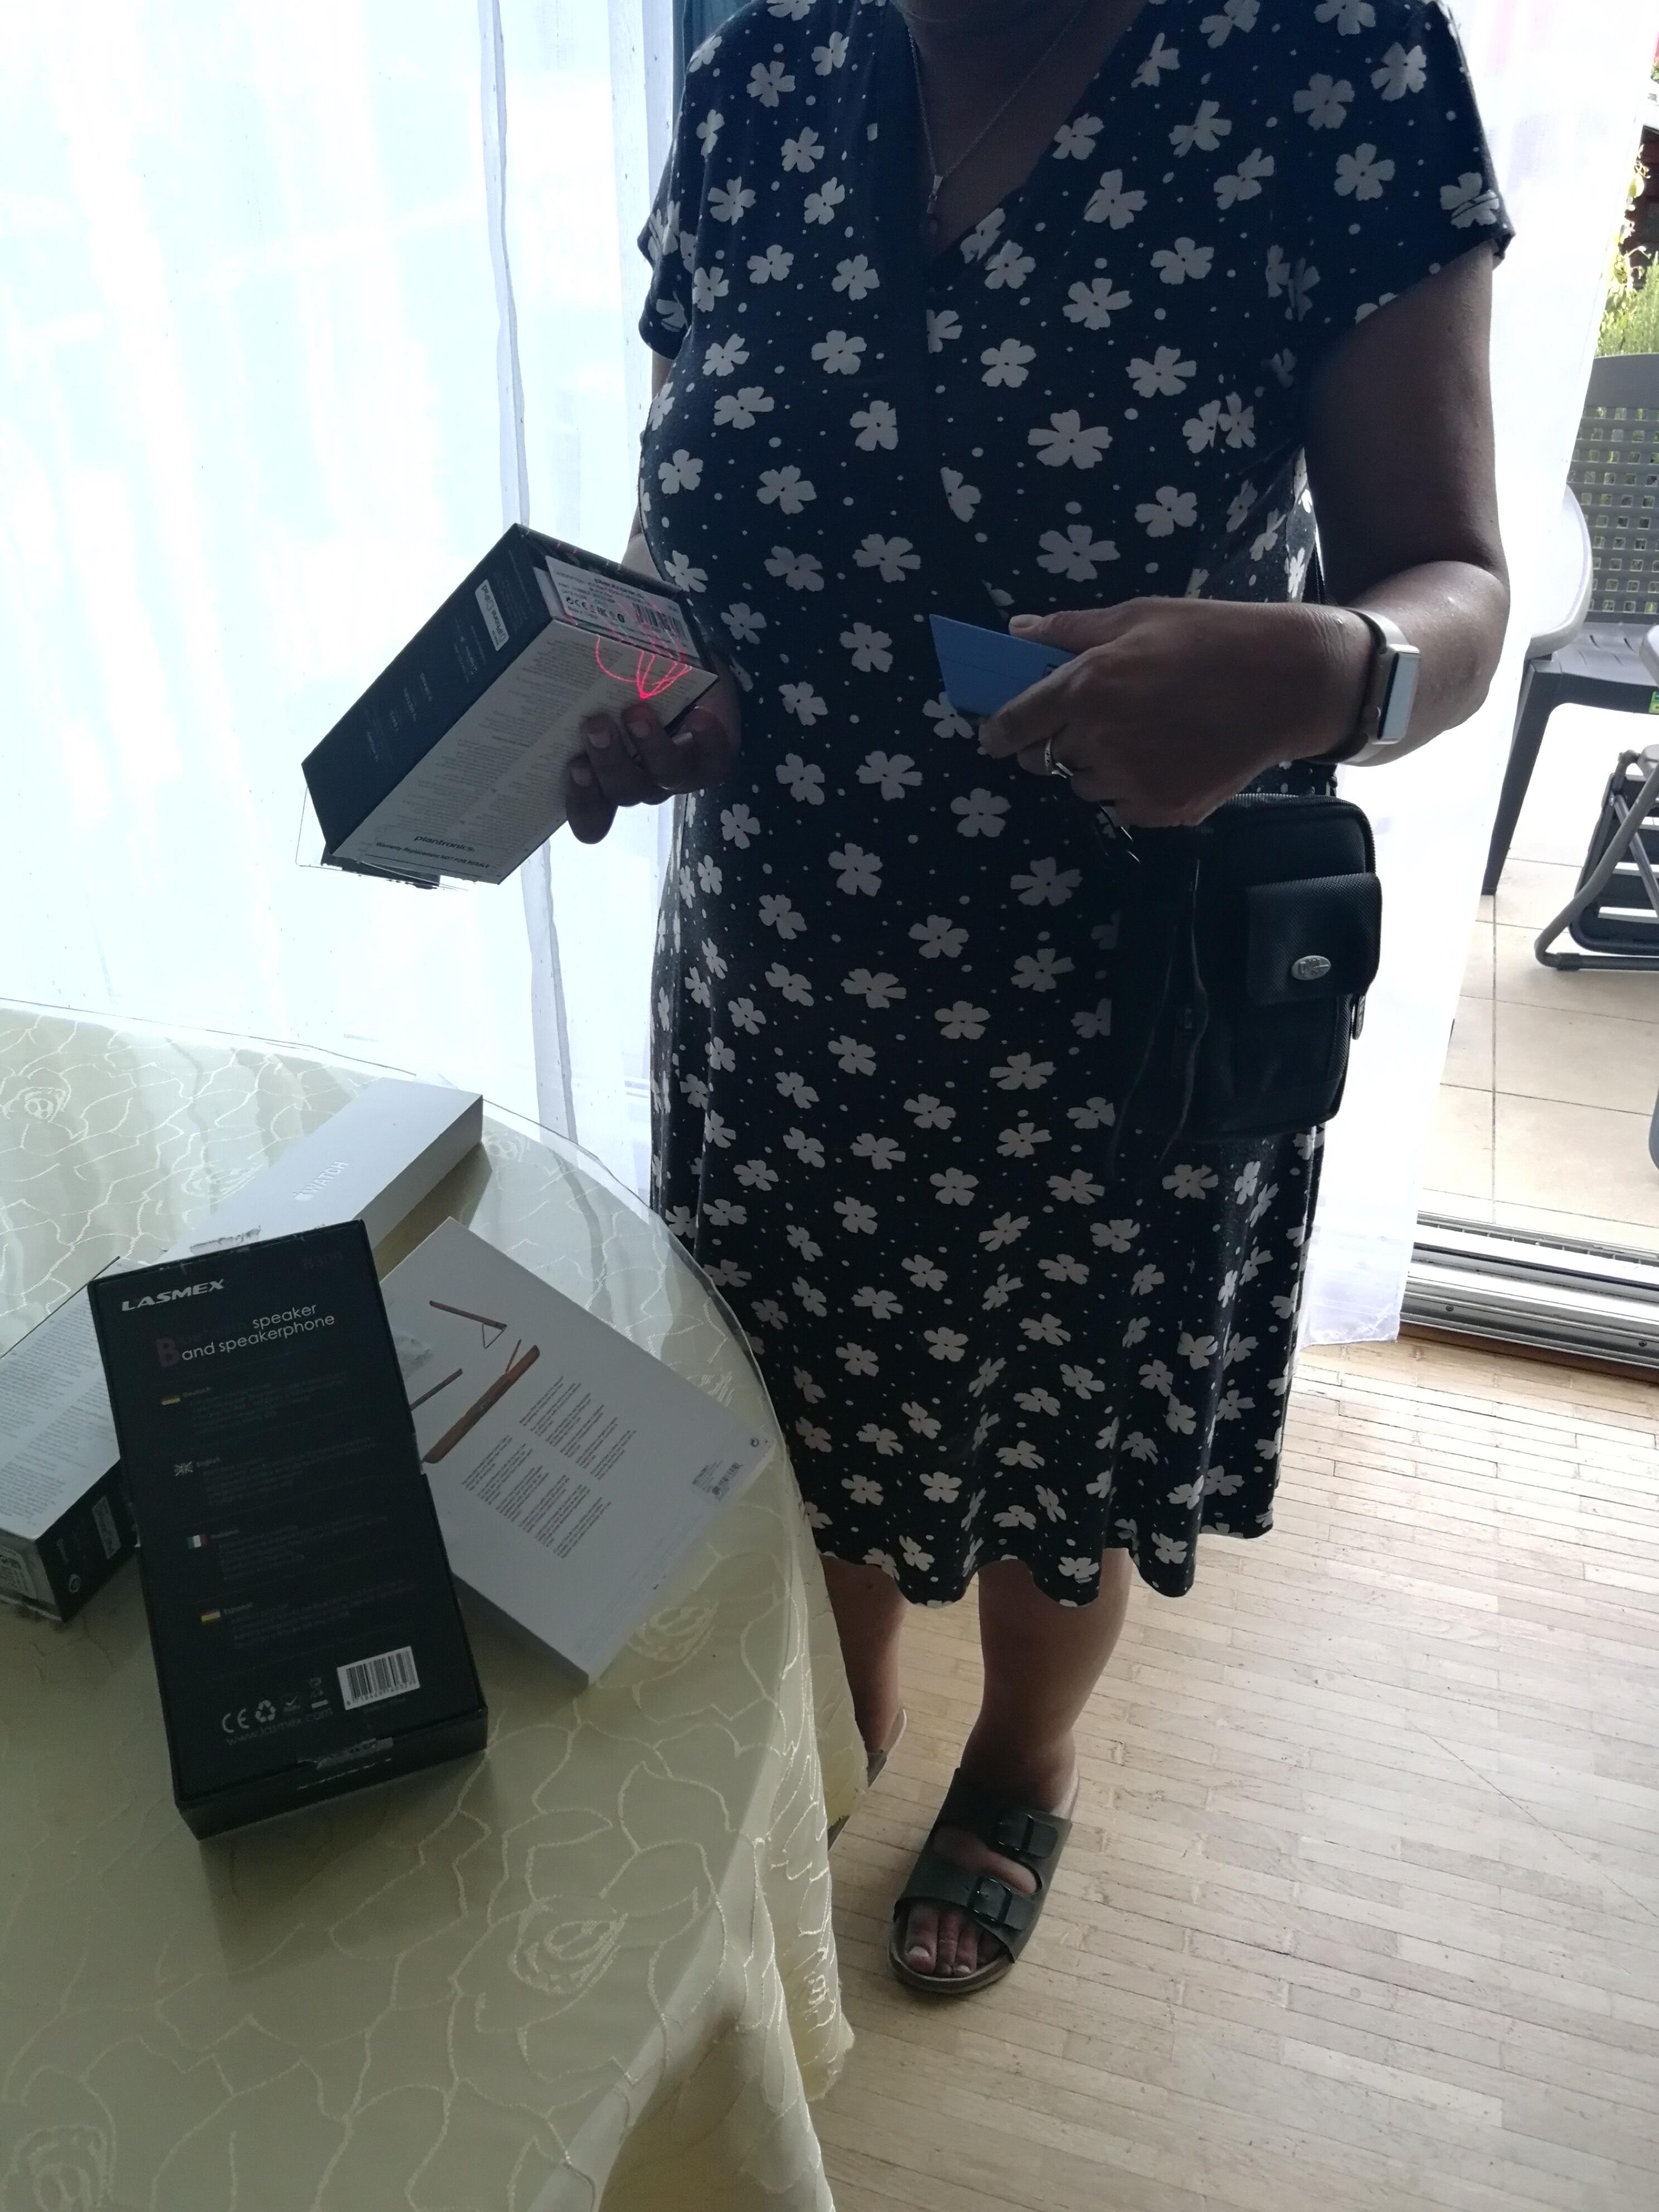 Der Scanner des Einkaufsfuchs ist auf den Barcode einer von mehreren Verpackungen gerichtet.